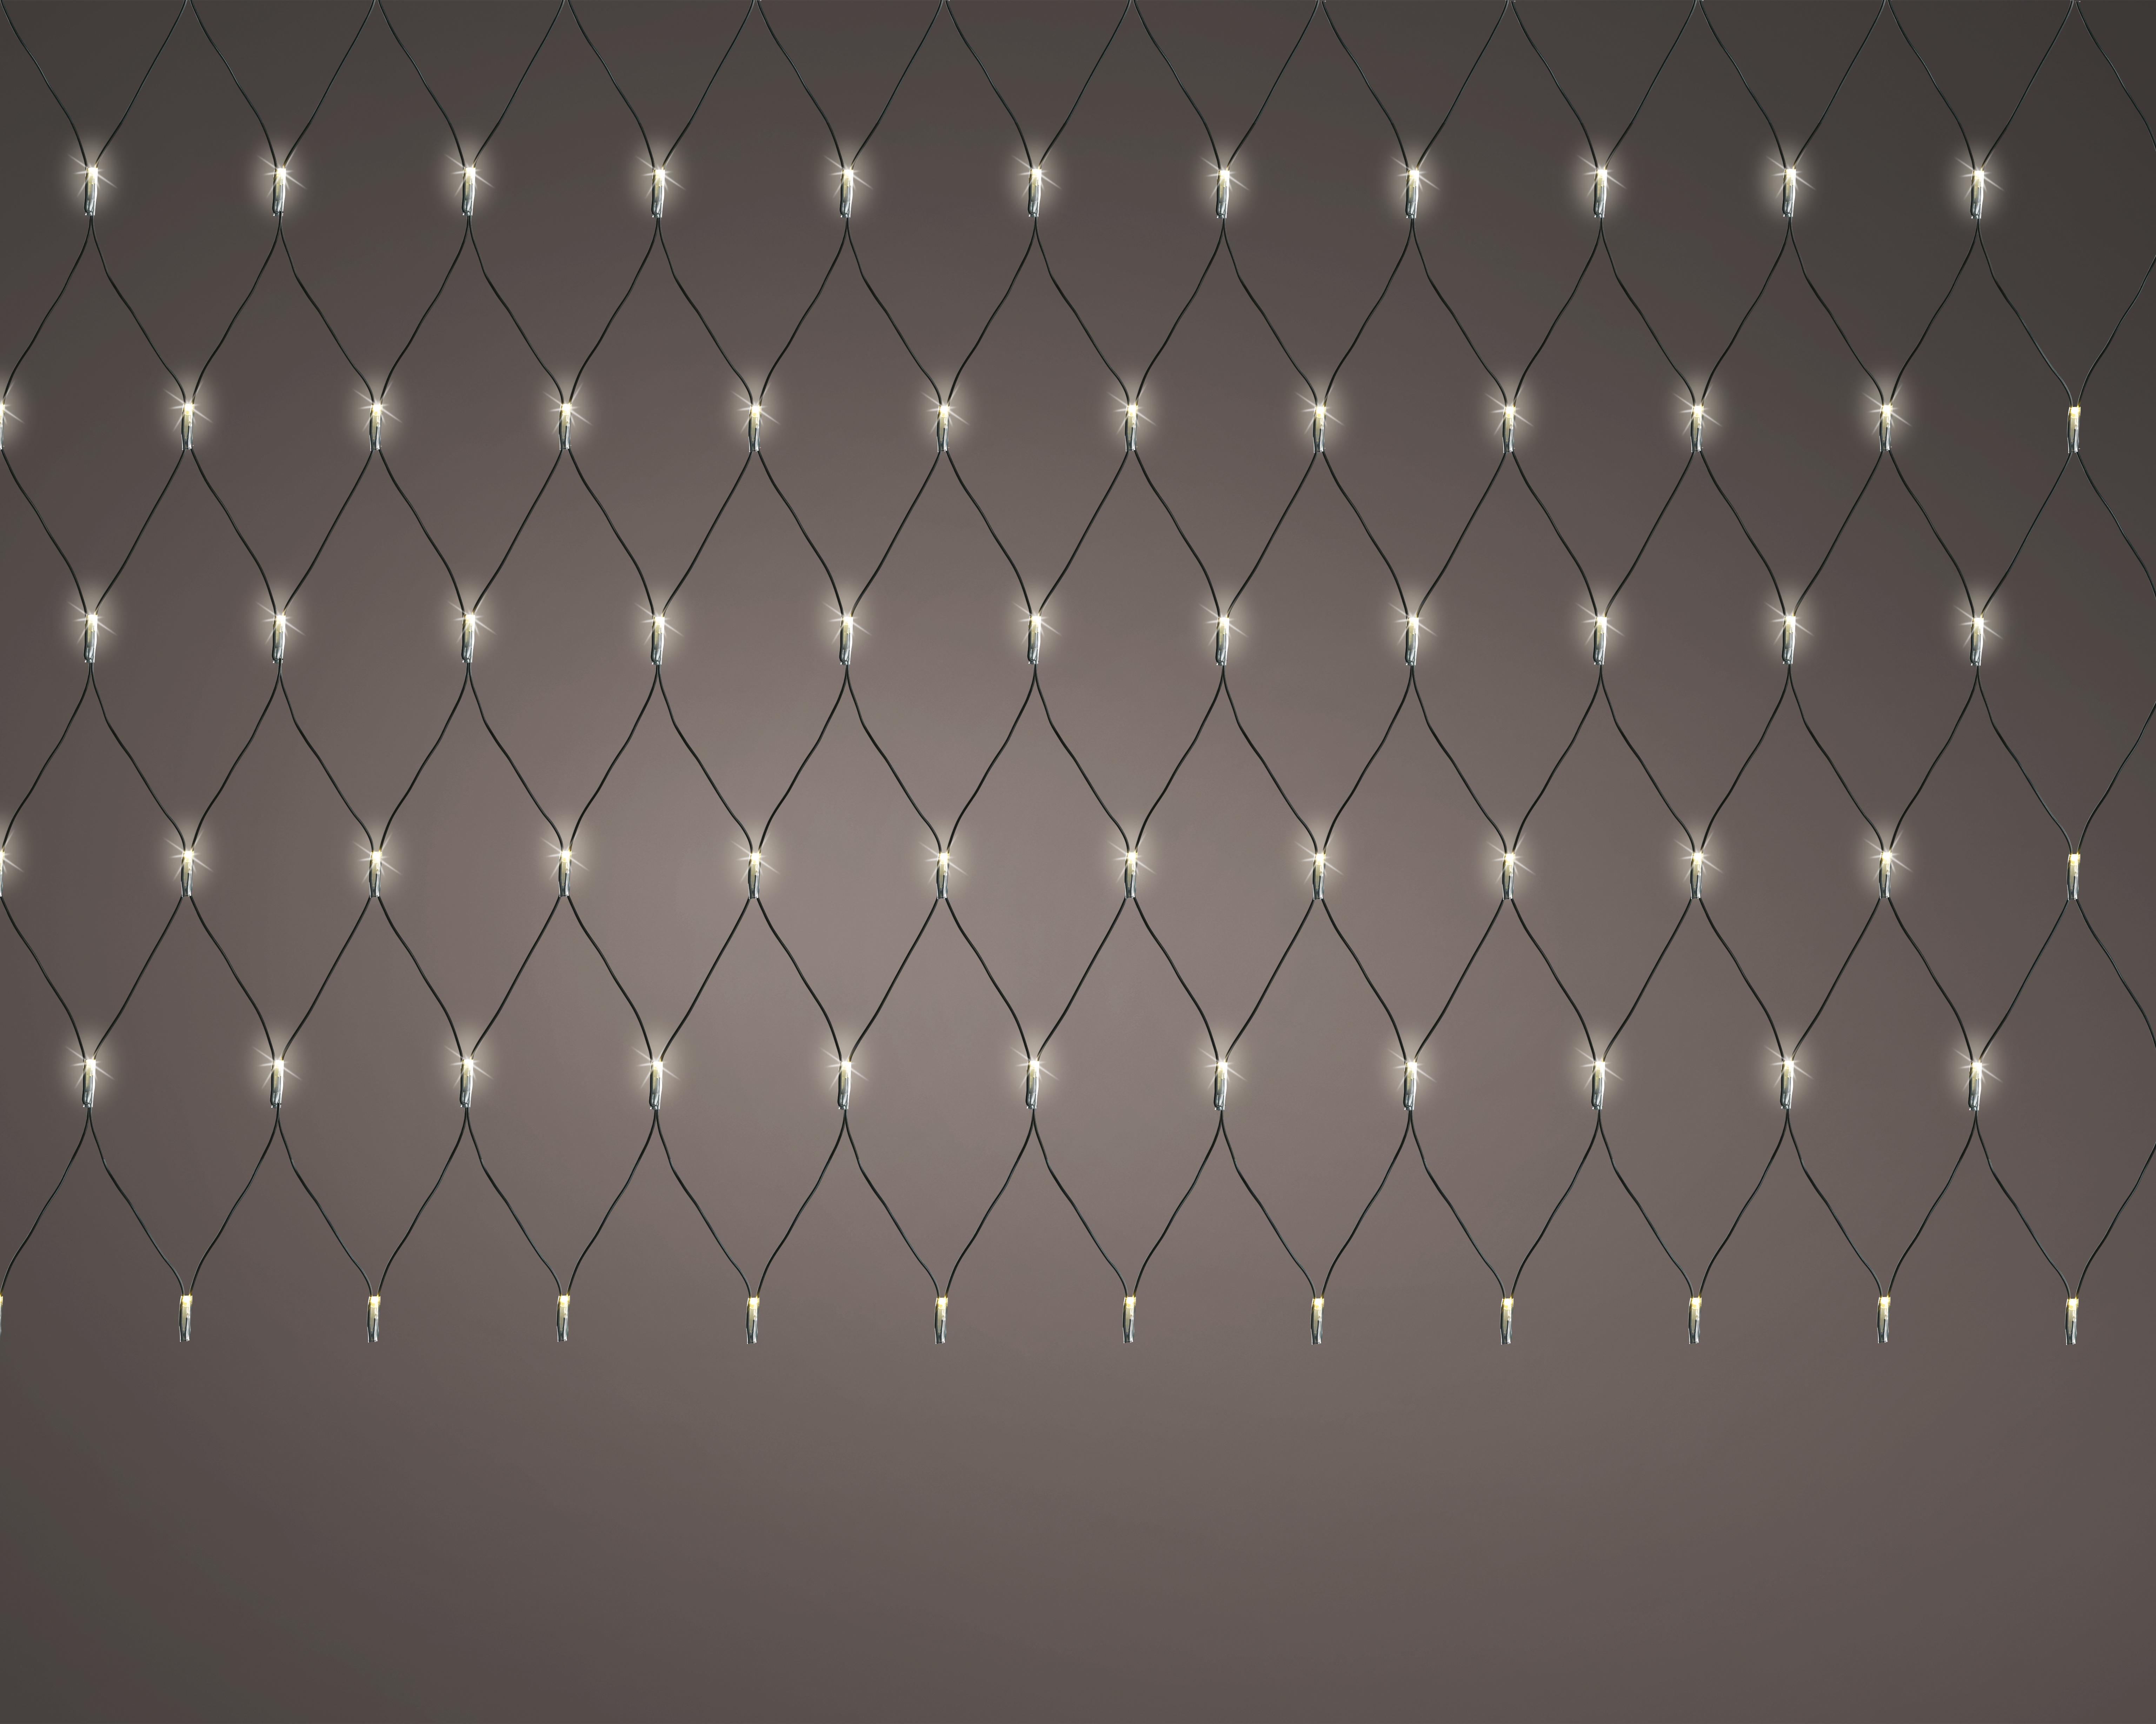 LED Lilchternetz 200 x 200cm Ve. 1 Stk